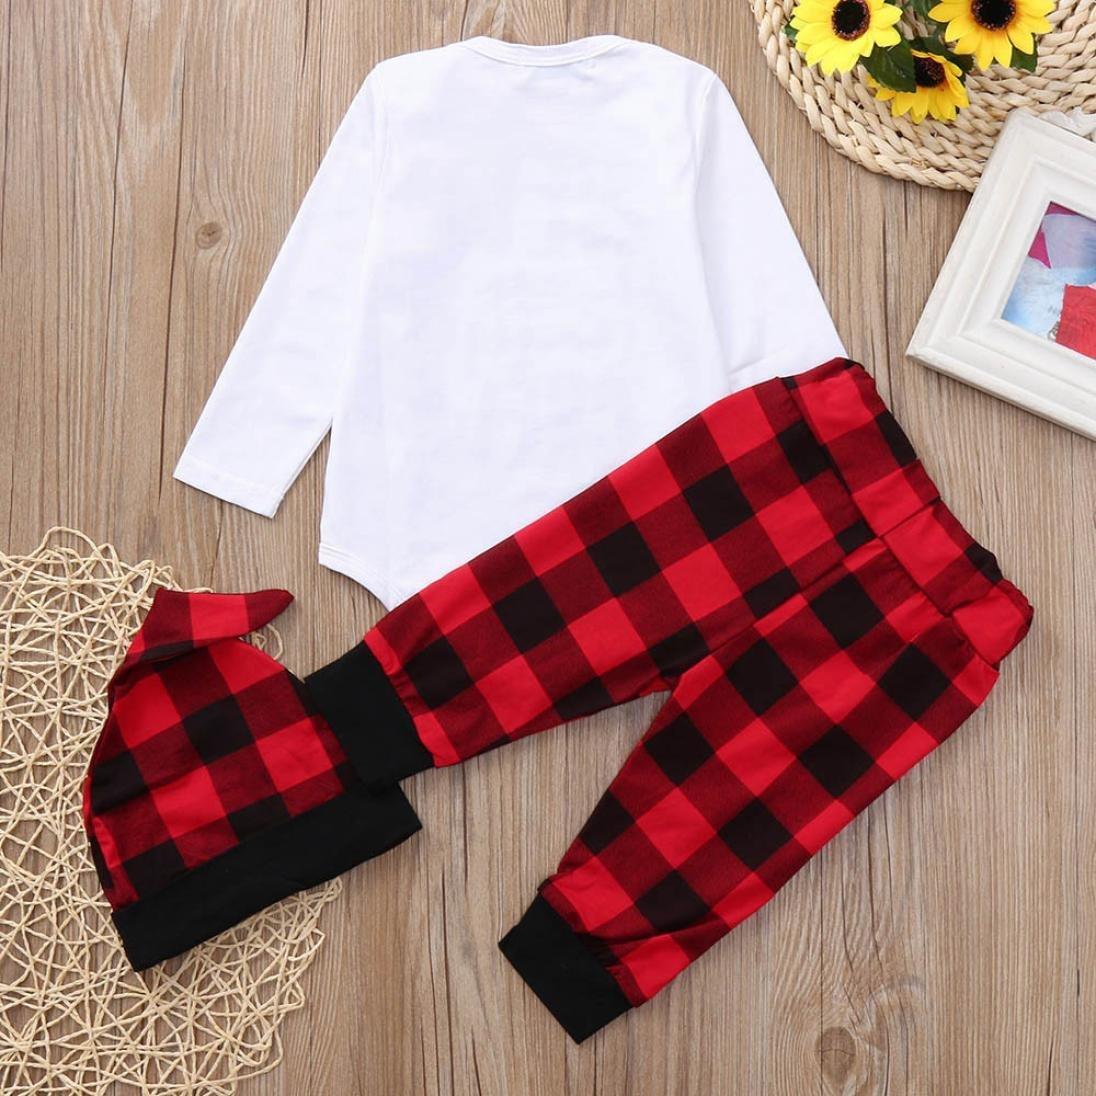 Hat Boys Girls Letter Print Romper Jumpsuit Plaid Pants squarex Baby Outfits Set